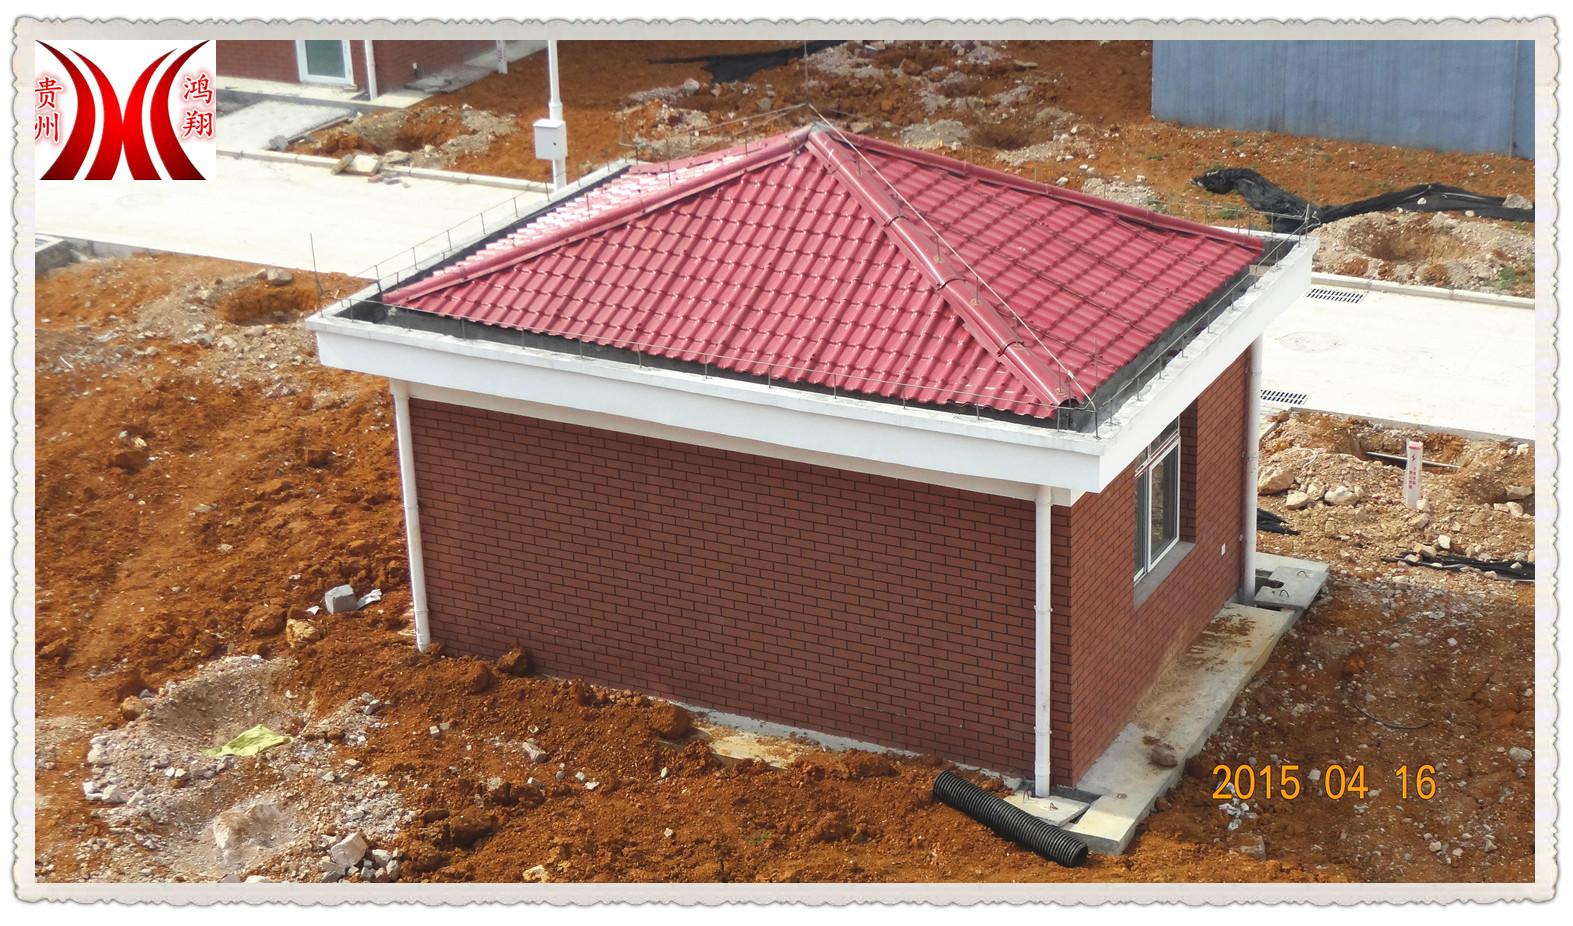 貴陽水廠屋面樹脂瓦裝飾改造